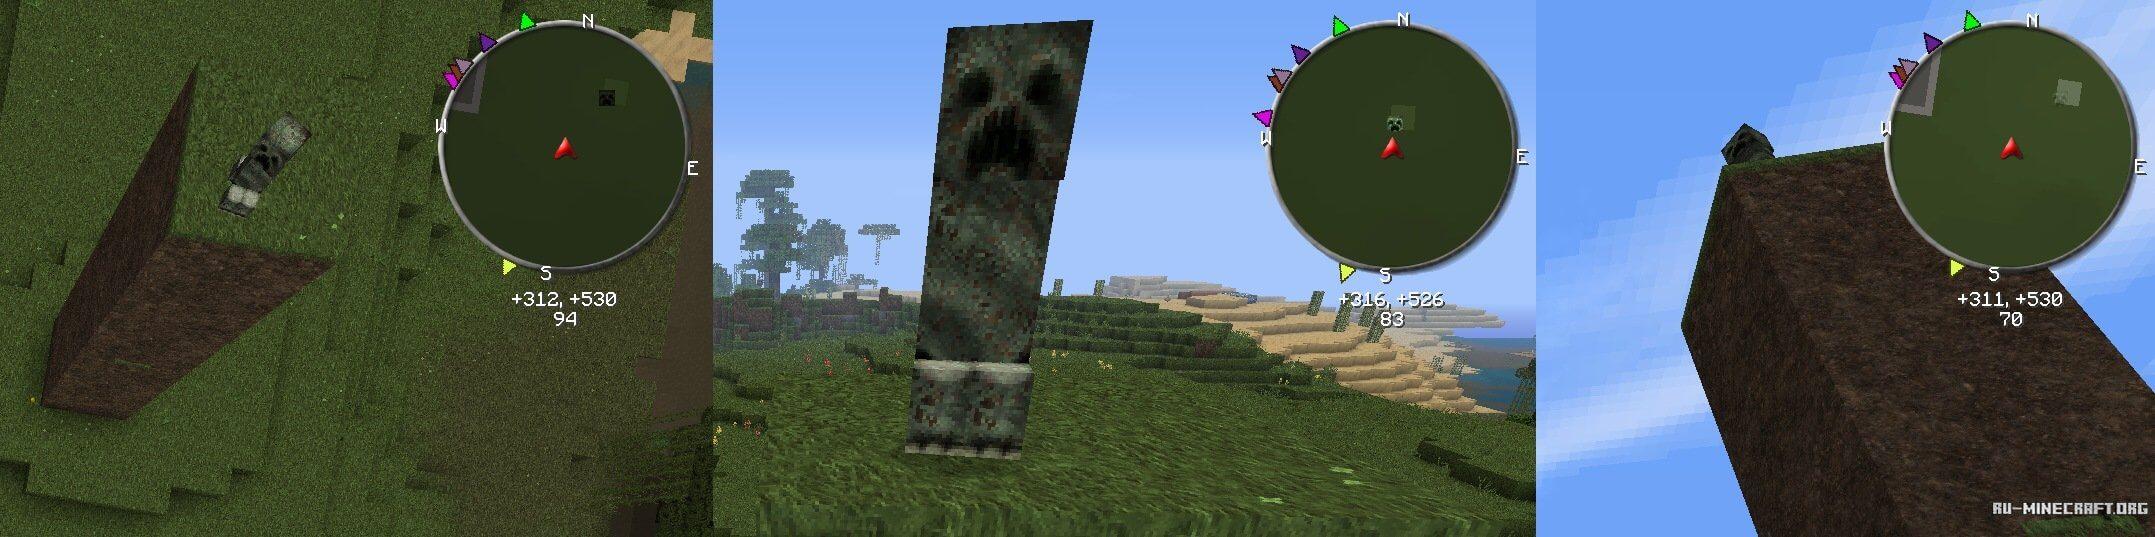 Скачать Zan's Minimap для Minecraft 1.7.10